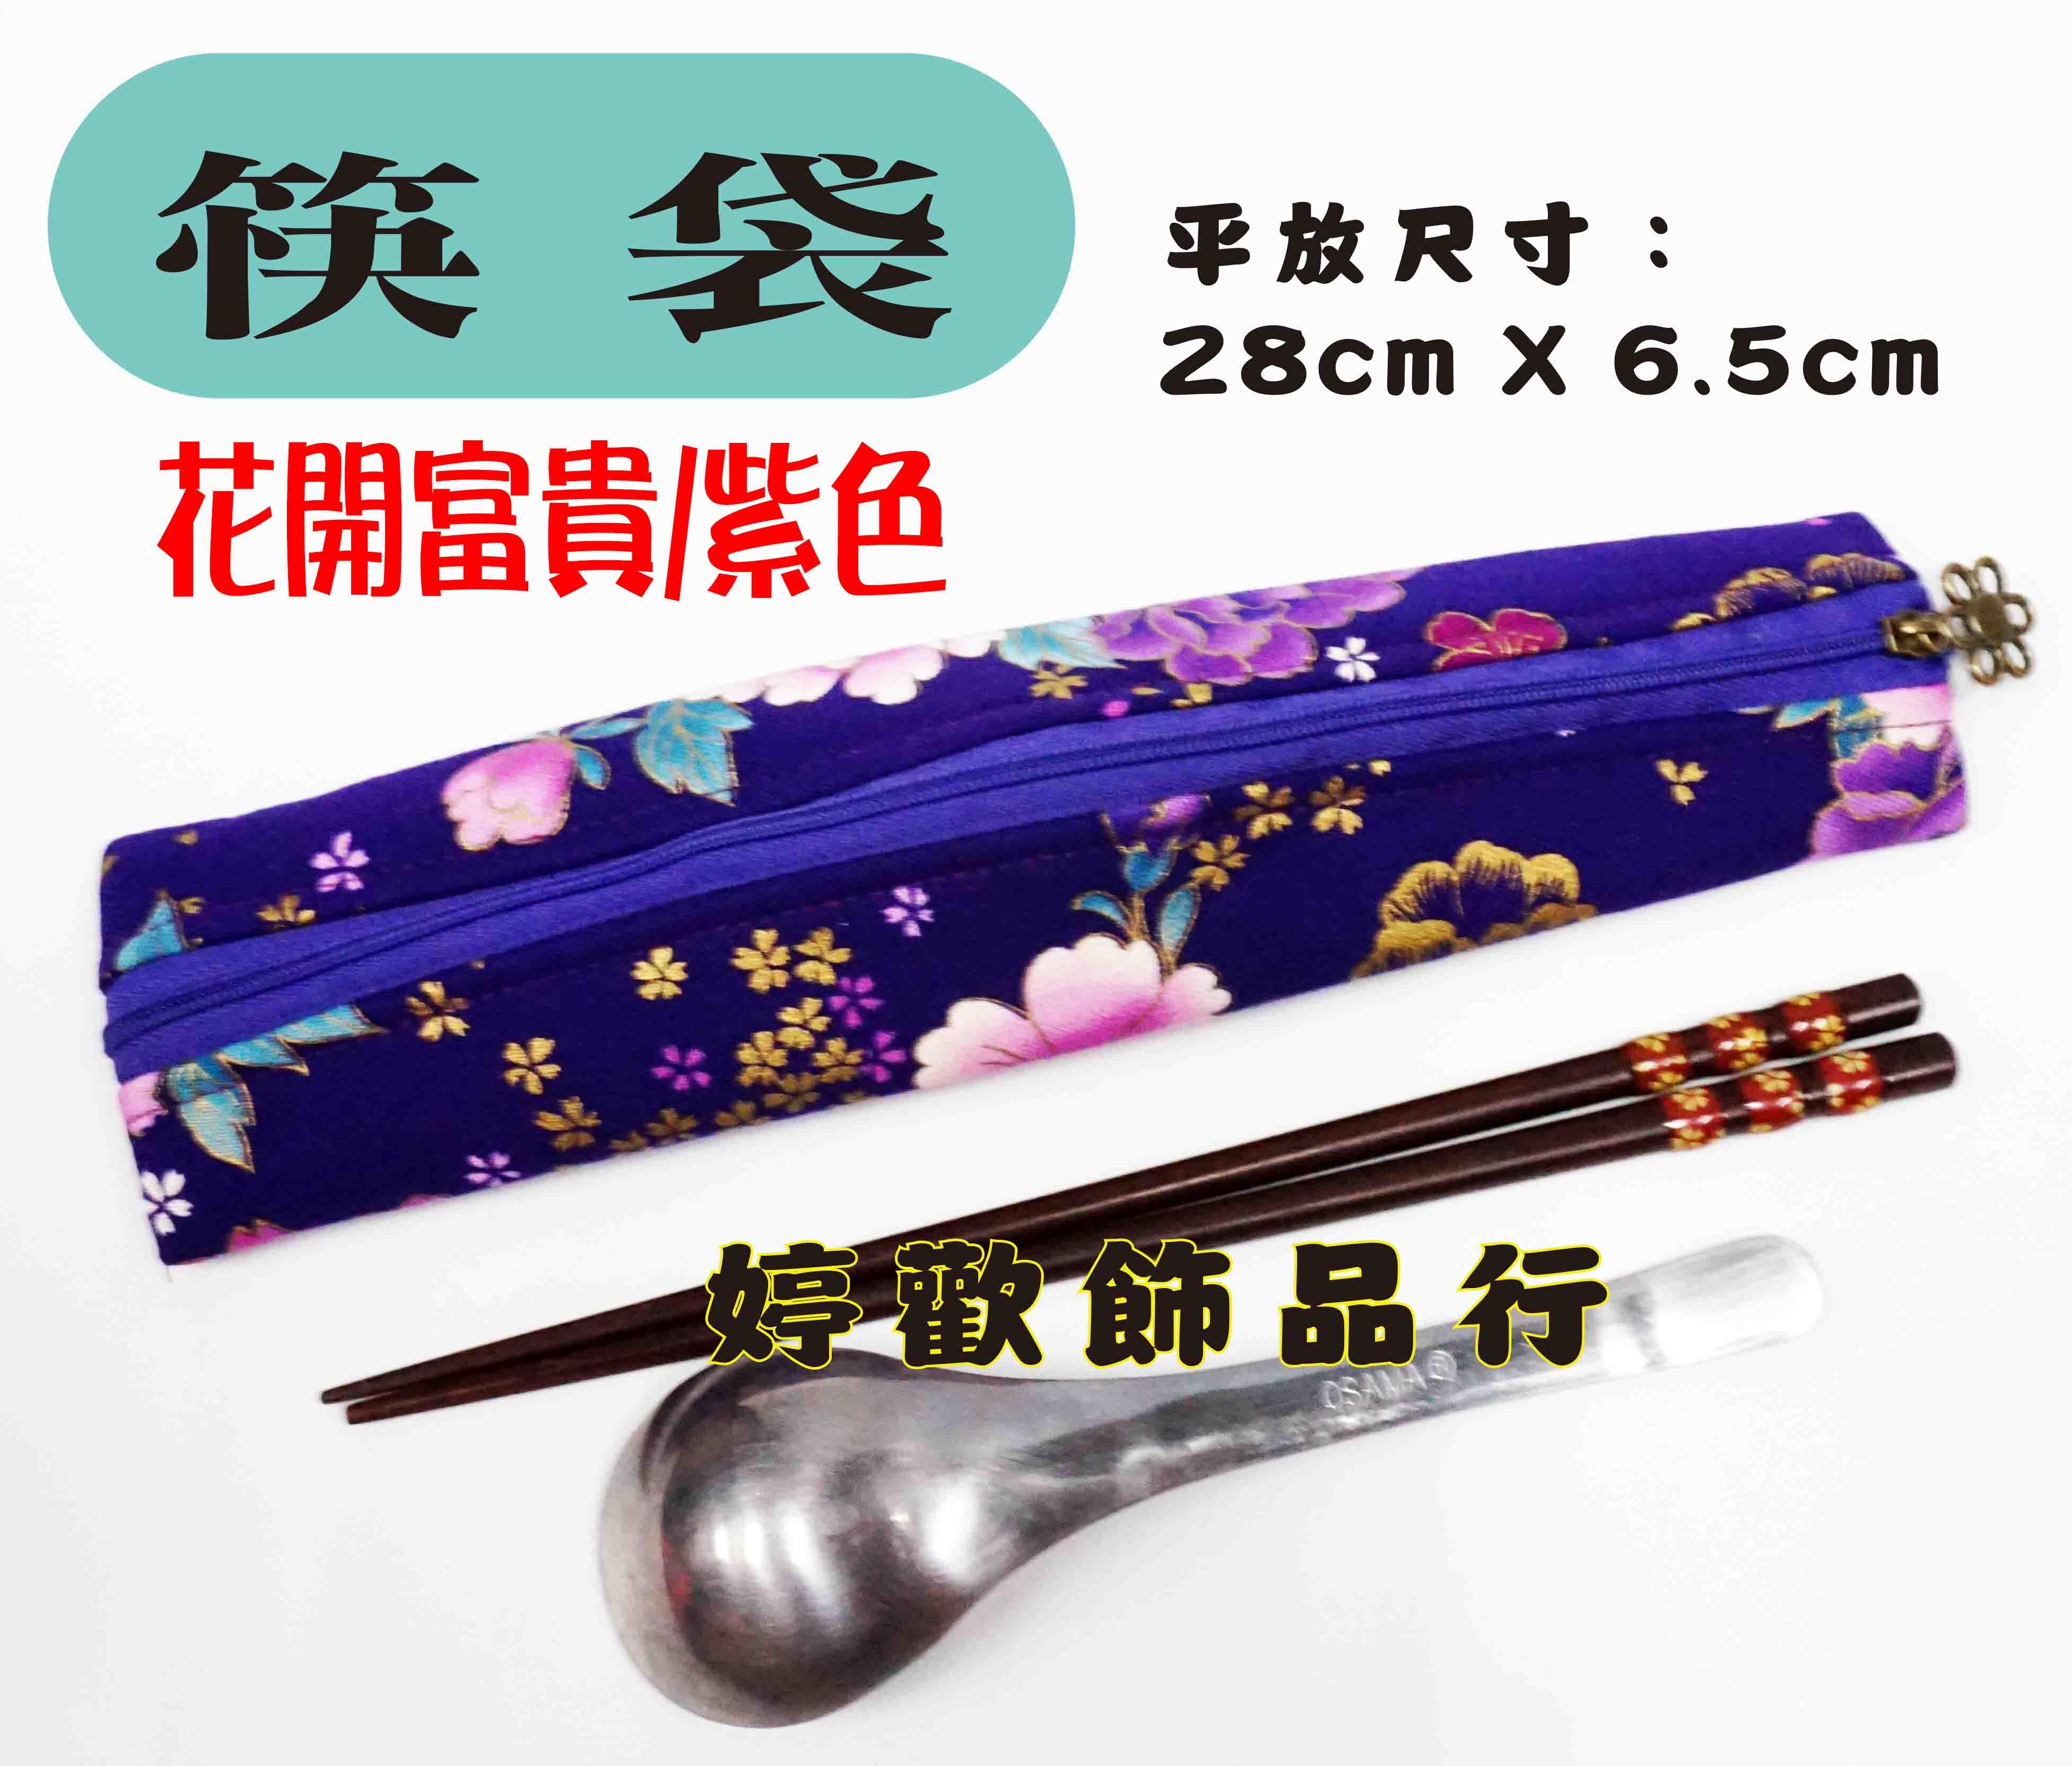 筷袋/牙刷袋/台灣製造/日本布料/時尚美觀/花開富貴